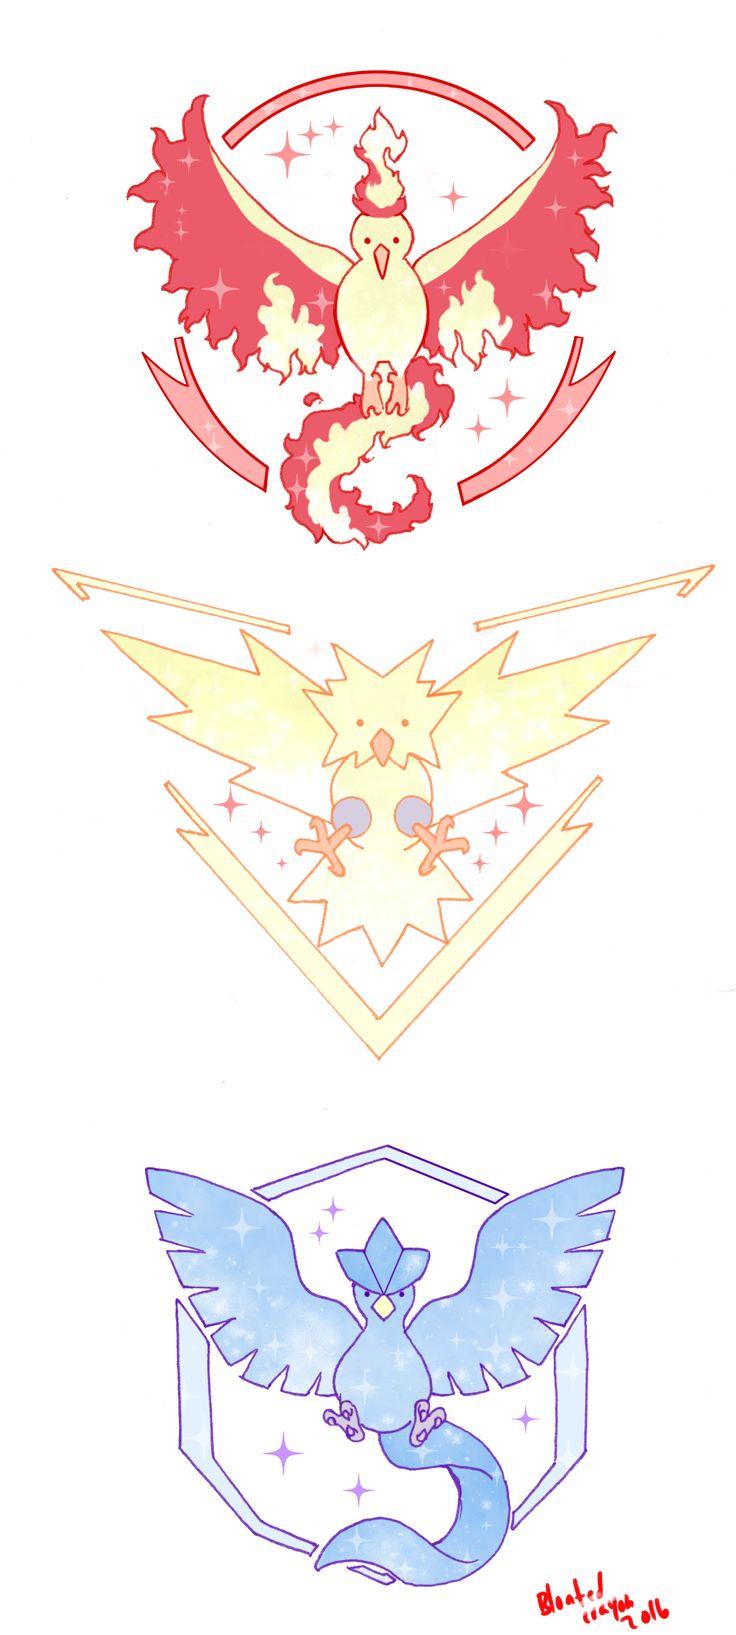 Pokémon Go teams